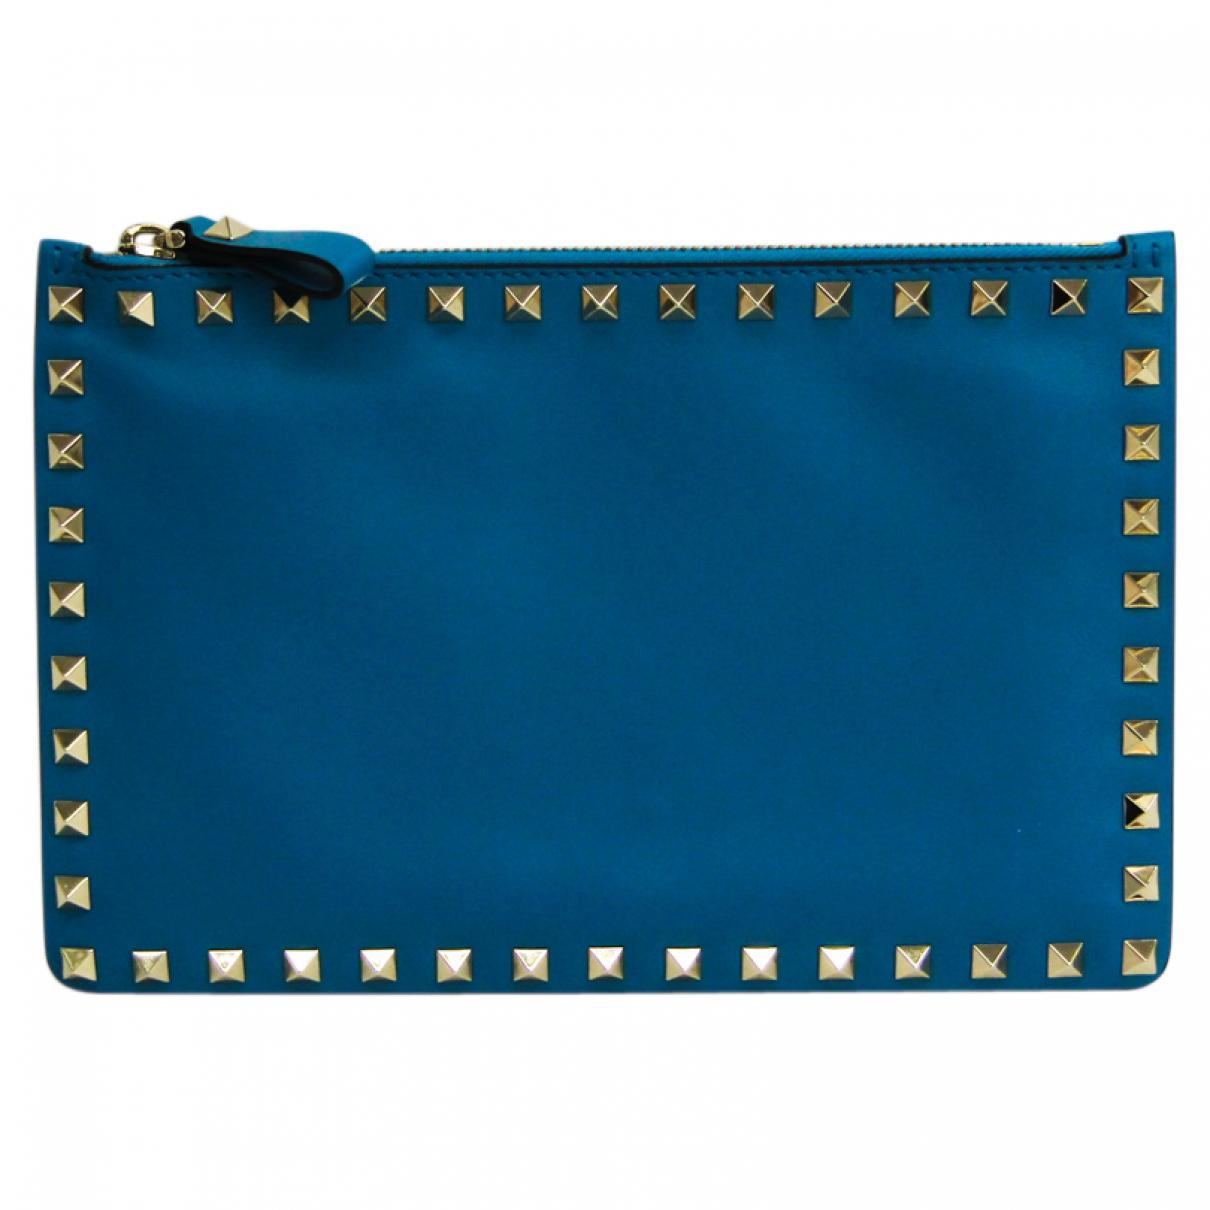 Valentino Garavani - Pochette   pour femme en cuir - bleu